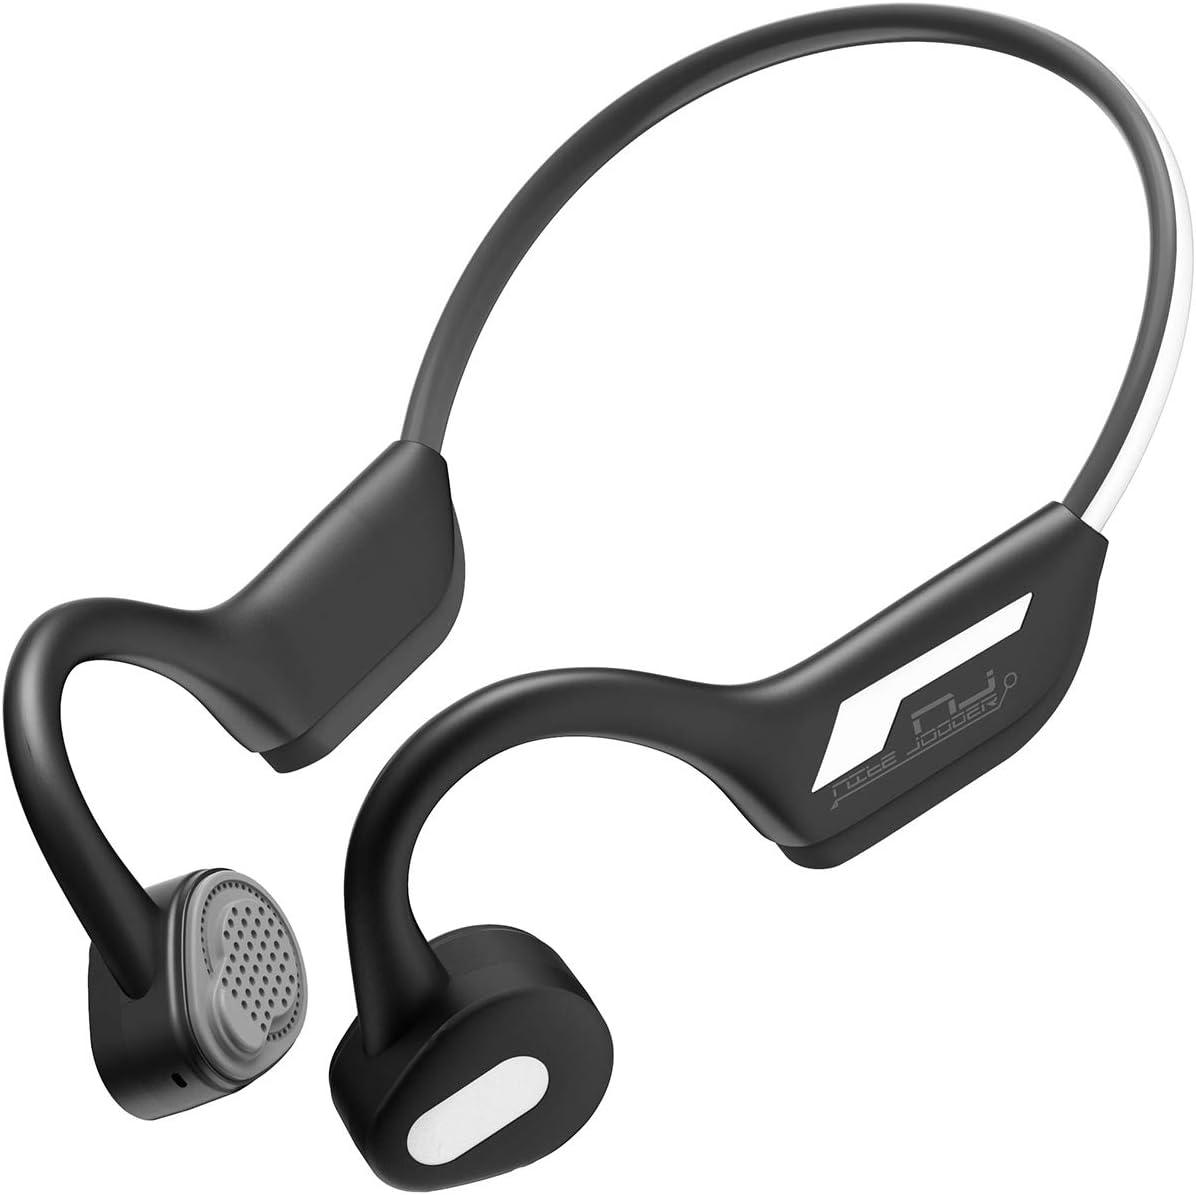 Auriculares Bluetooth 5.0 con conducción ósea y Bluetooth, inalámbricos, deportivos, estéreo, a prueba de sudor, con micrófono para deportes compatible con iOS Android (Versión luminosa): Amazon.es: Salud y cuidado personal